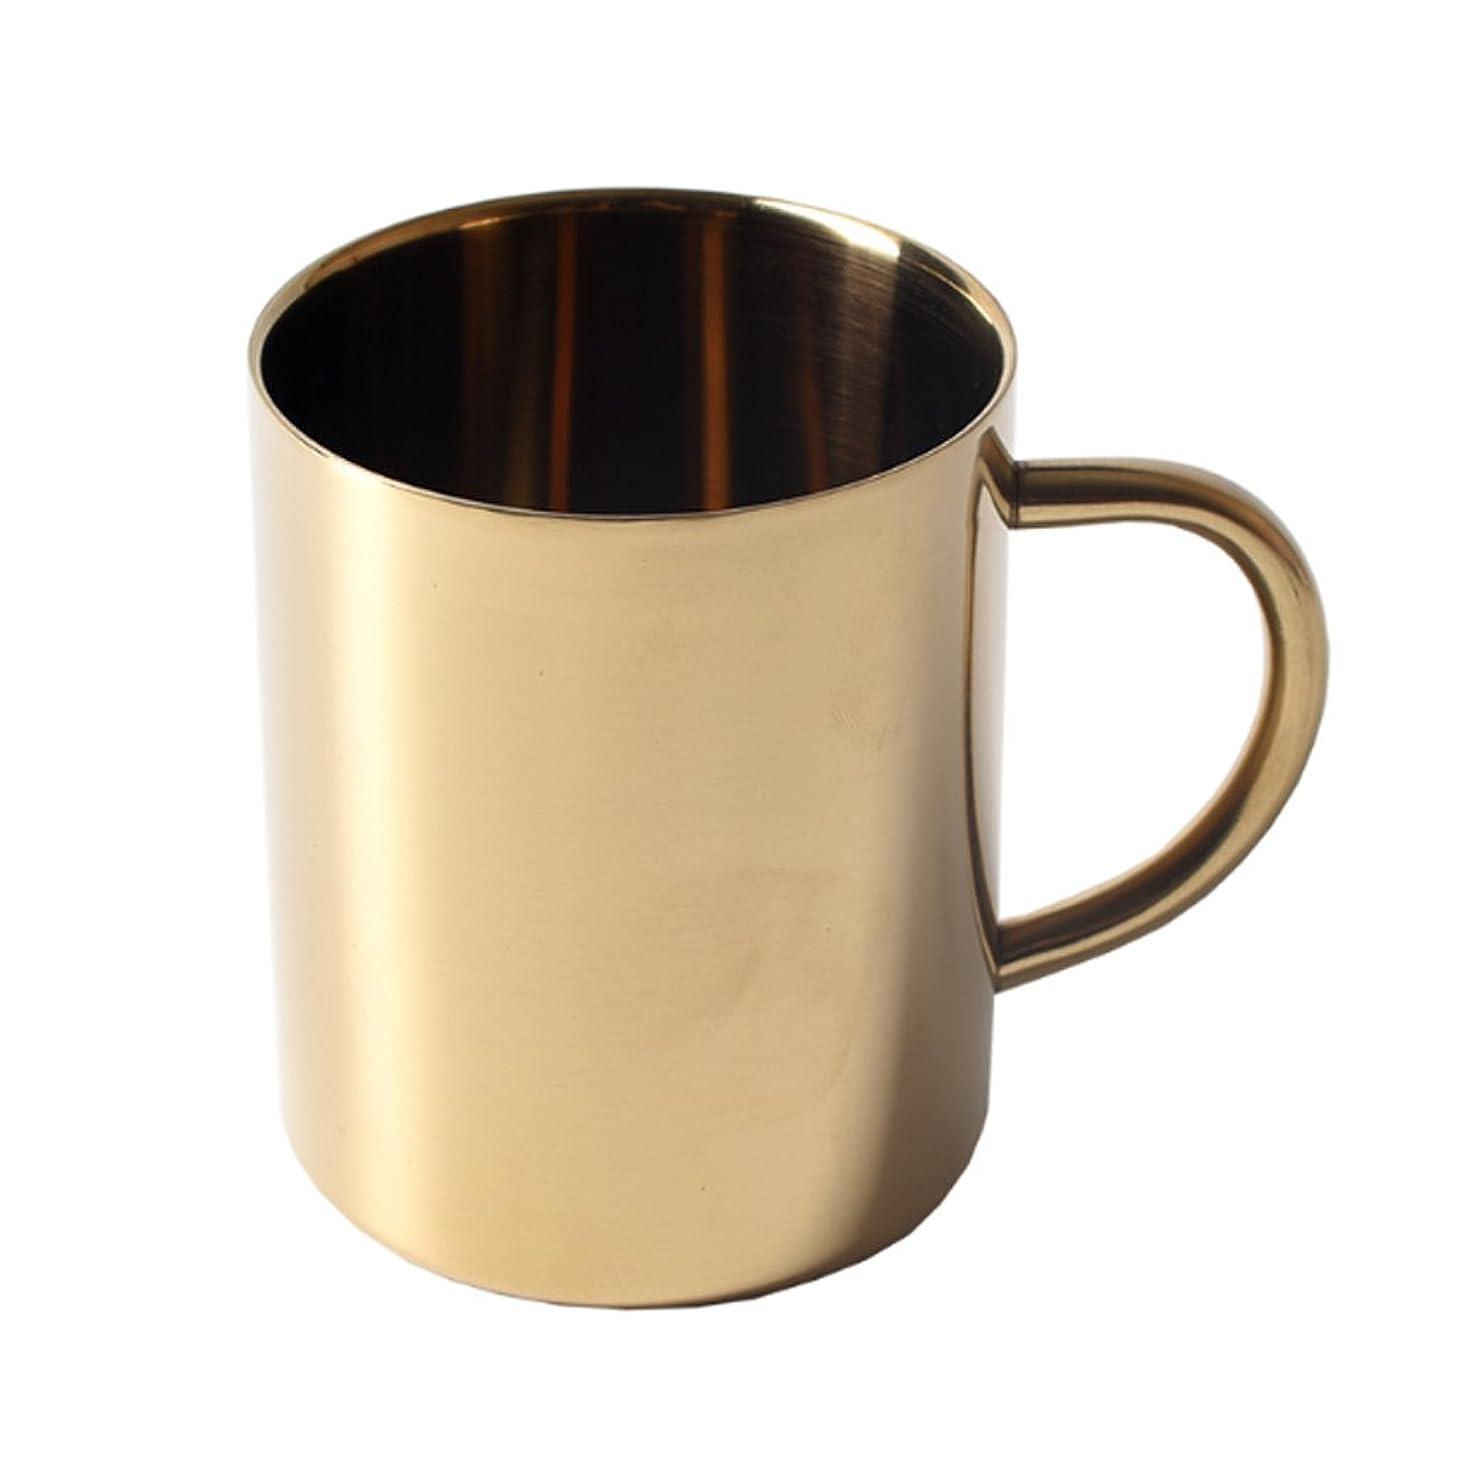 することになっているストレス基本的なHomyl コーヒー ティー マグカップ ステンレス アウトドア ホーム 二重壁 400ml 2色 - ゴールド